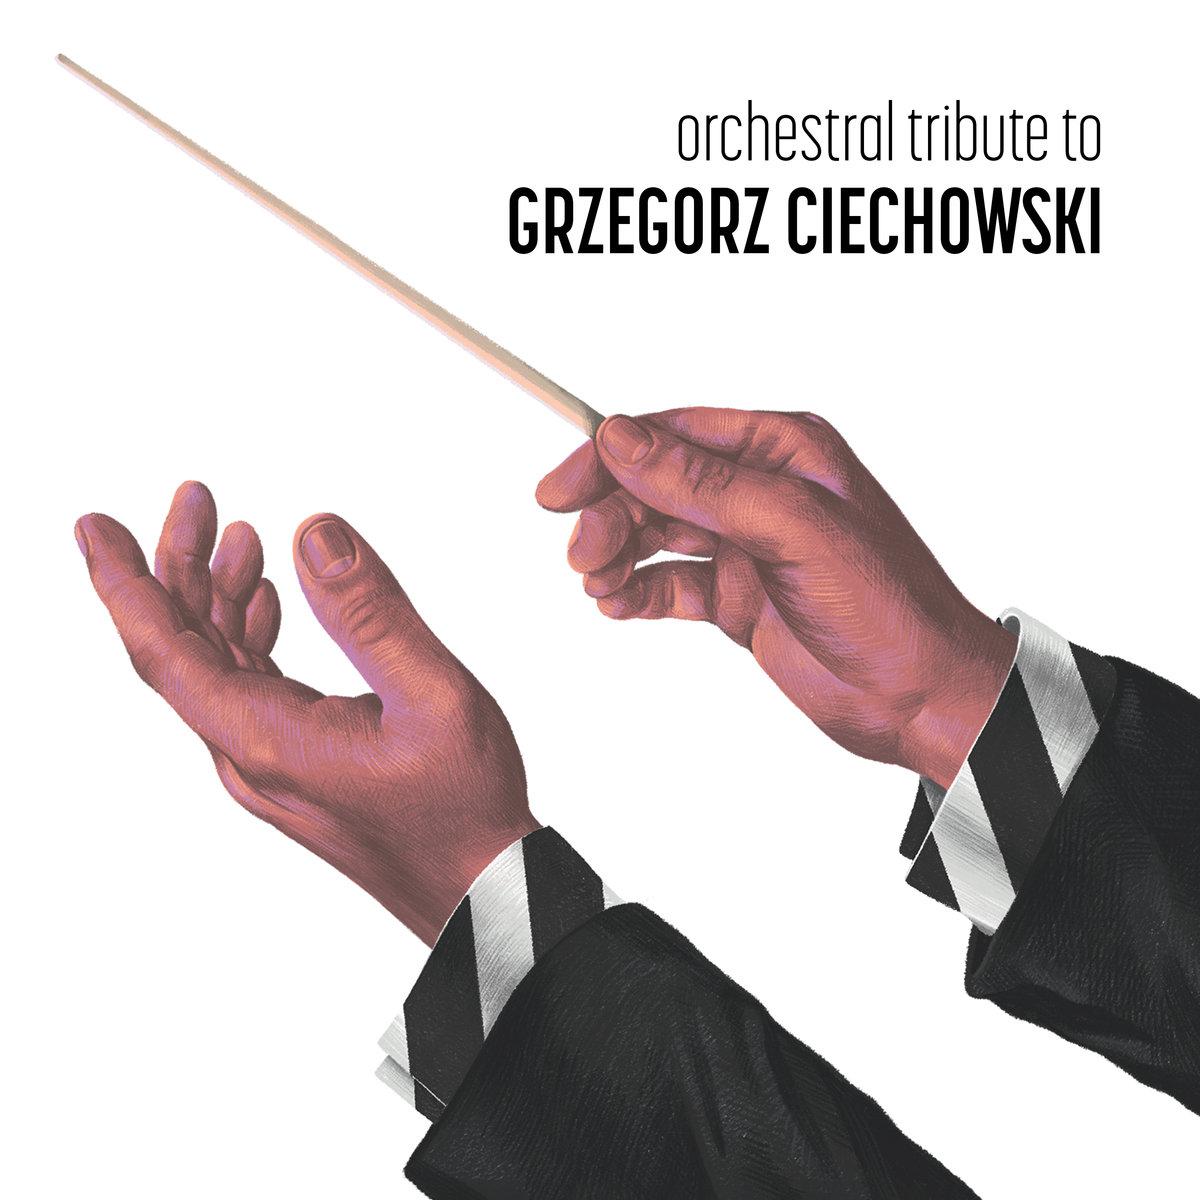 Orkiestra Kameralna Progress – Orchestral tribute to Grzegorz Ciechowski